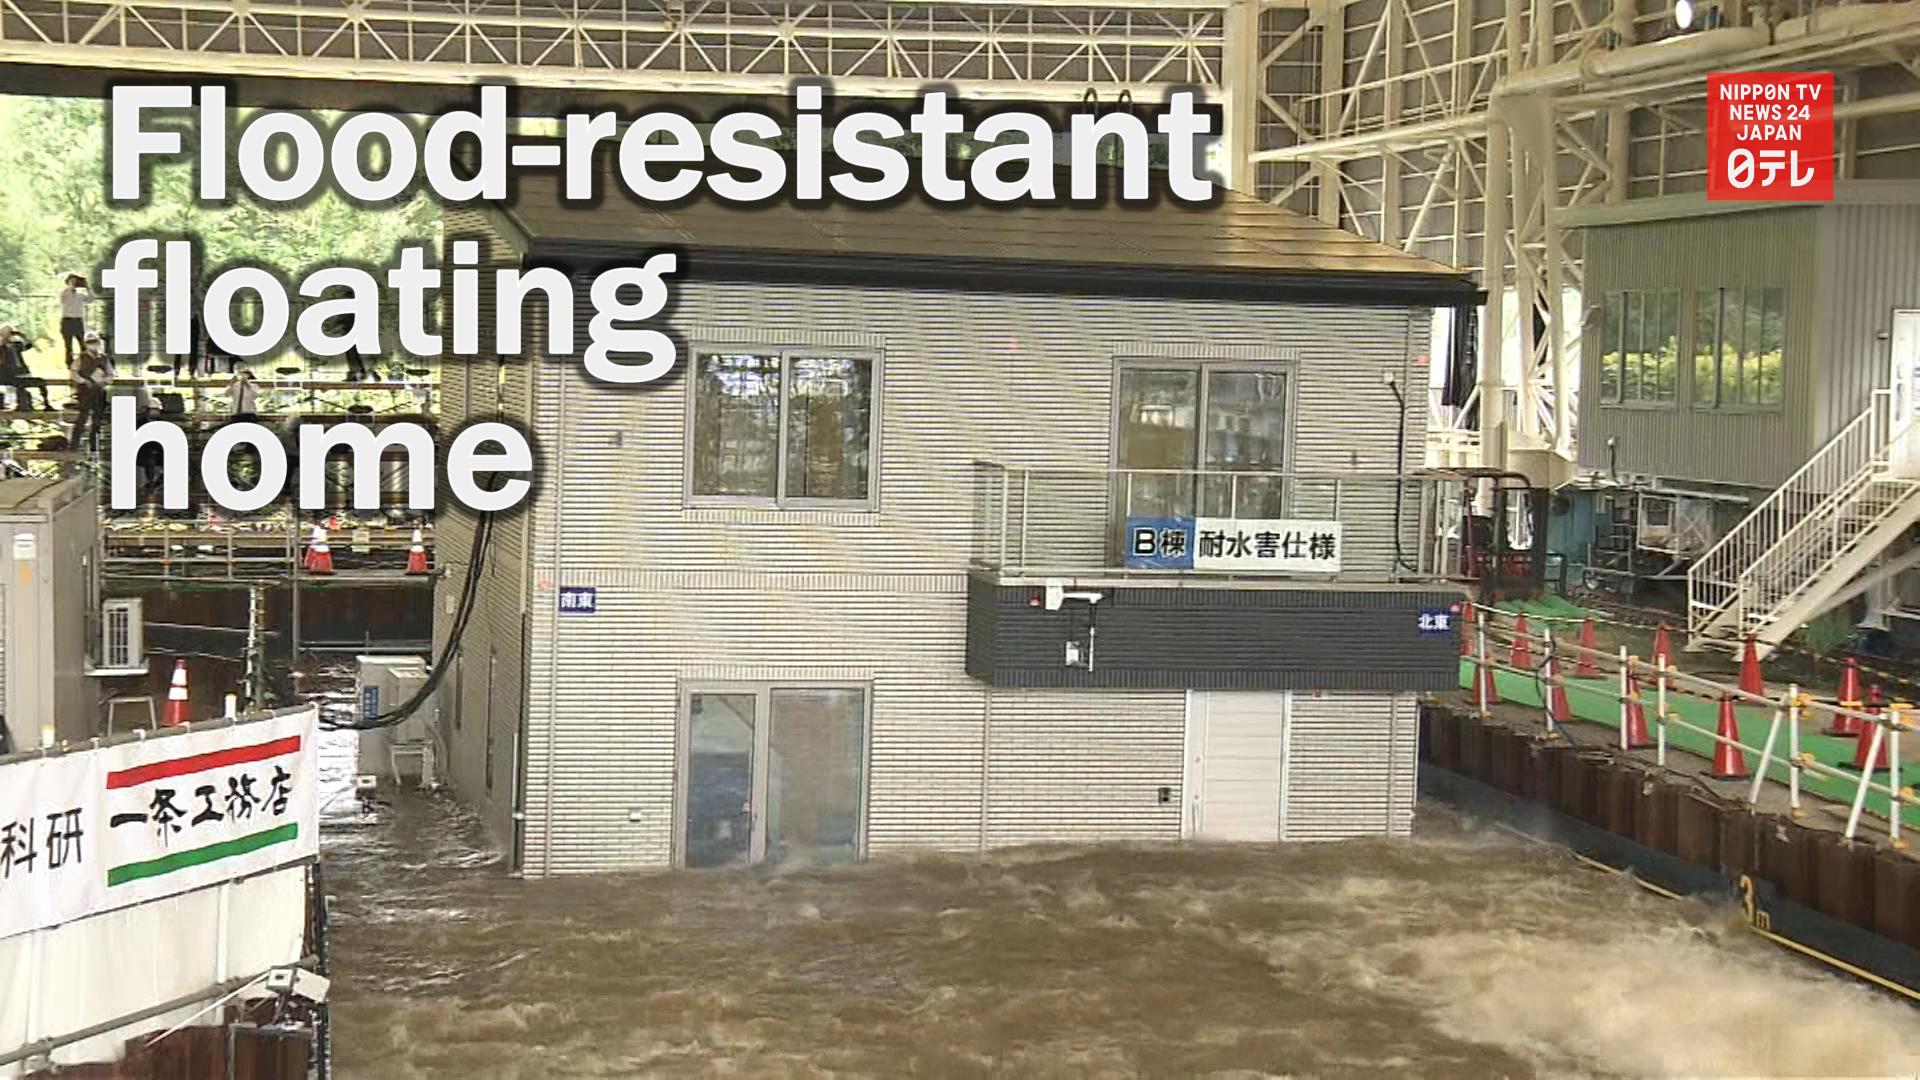 Flood-resistant floating home